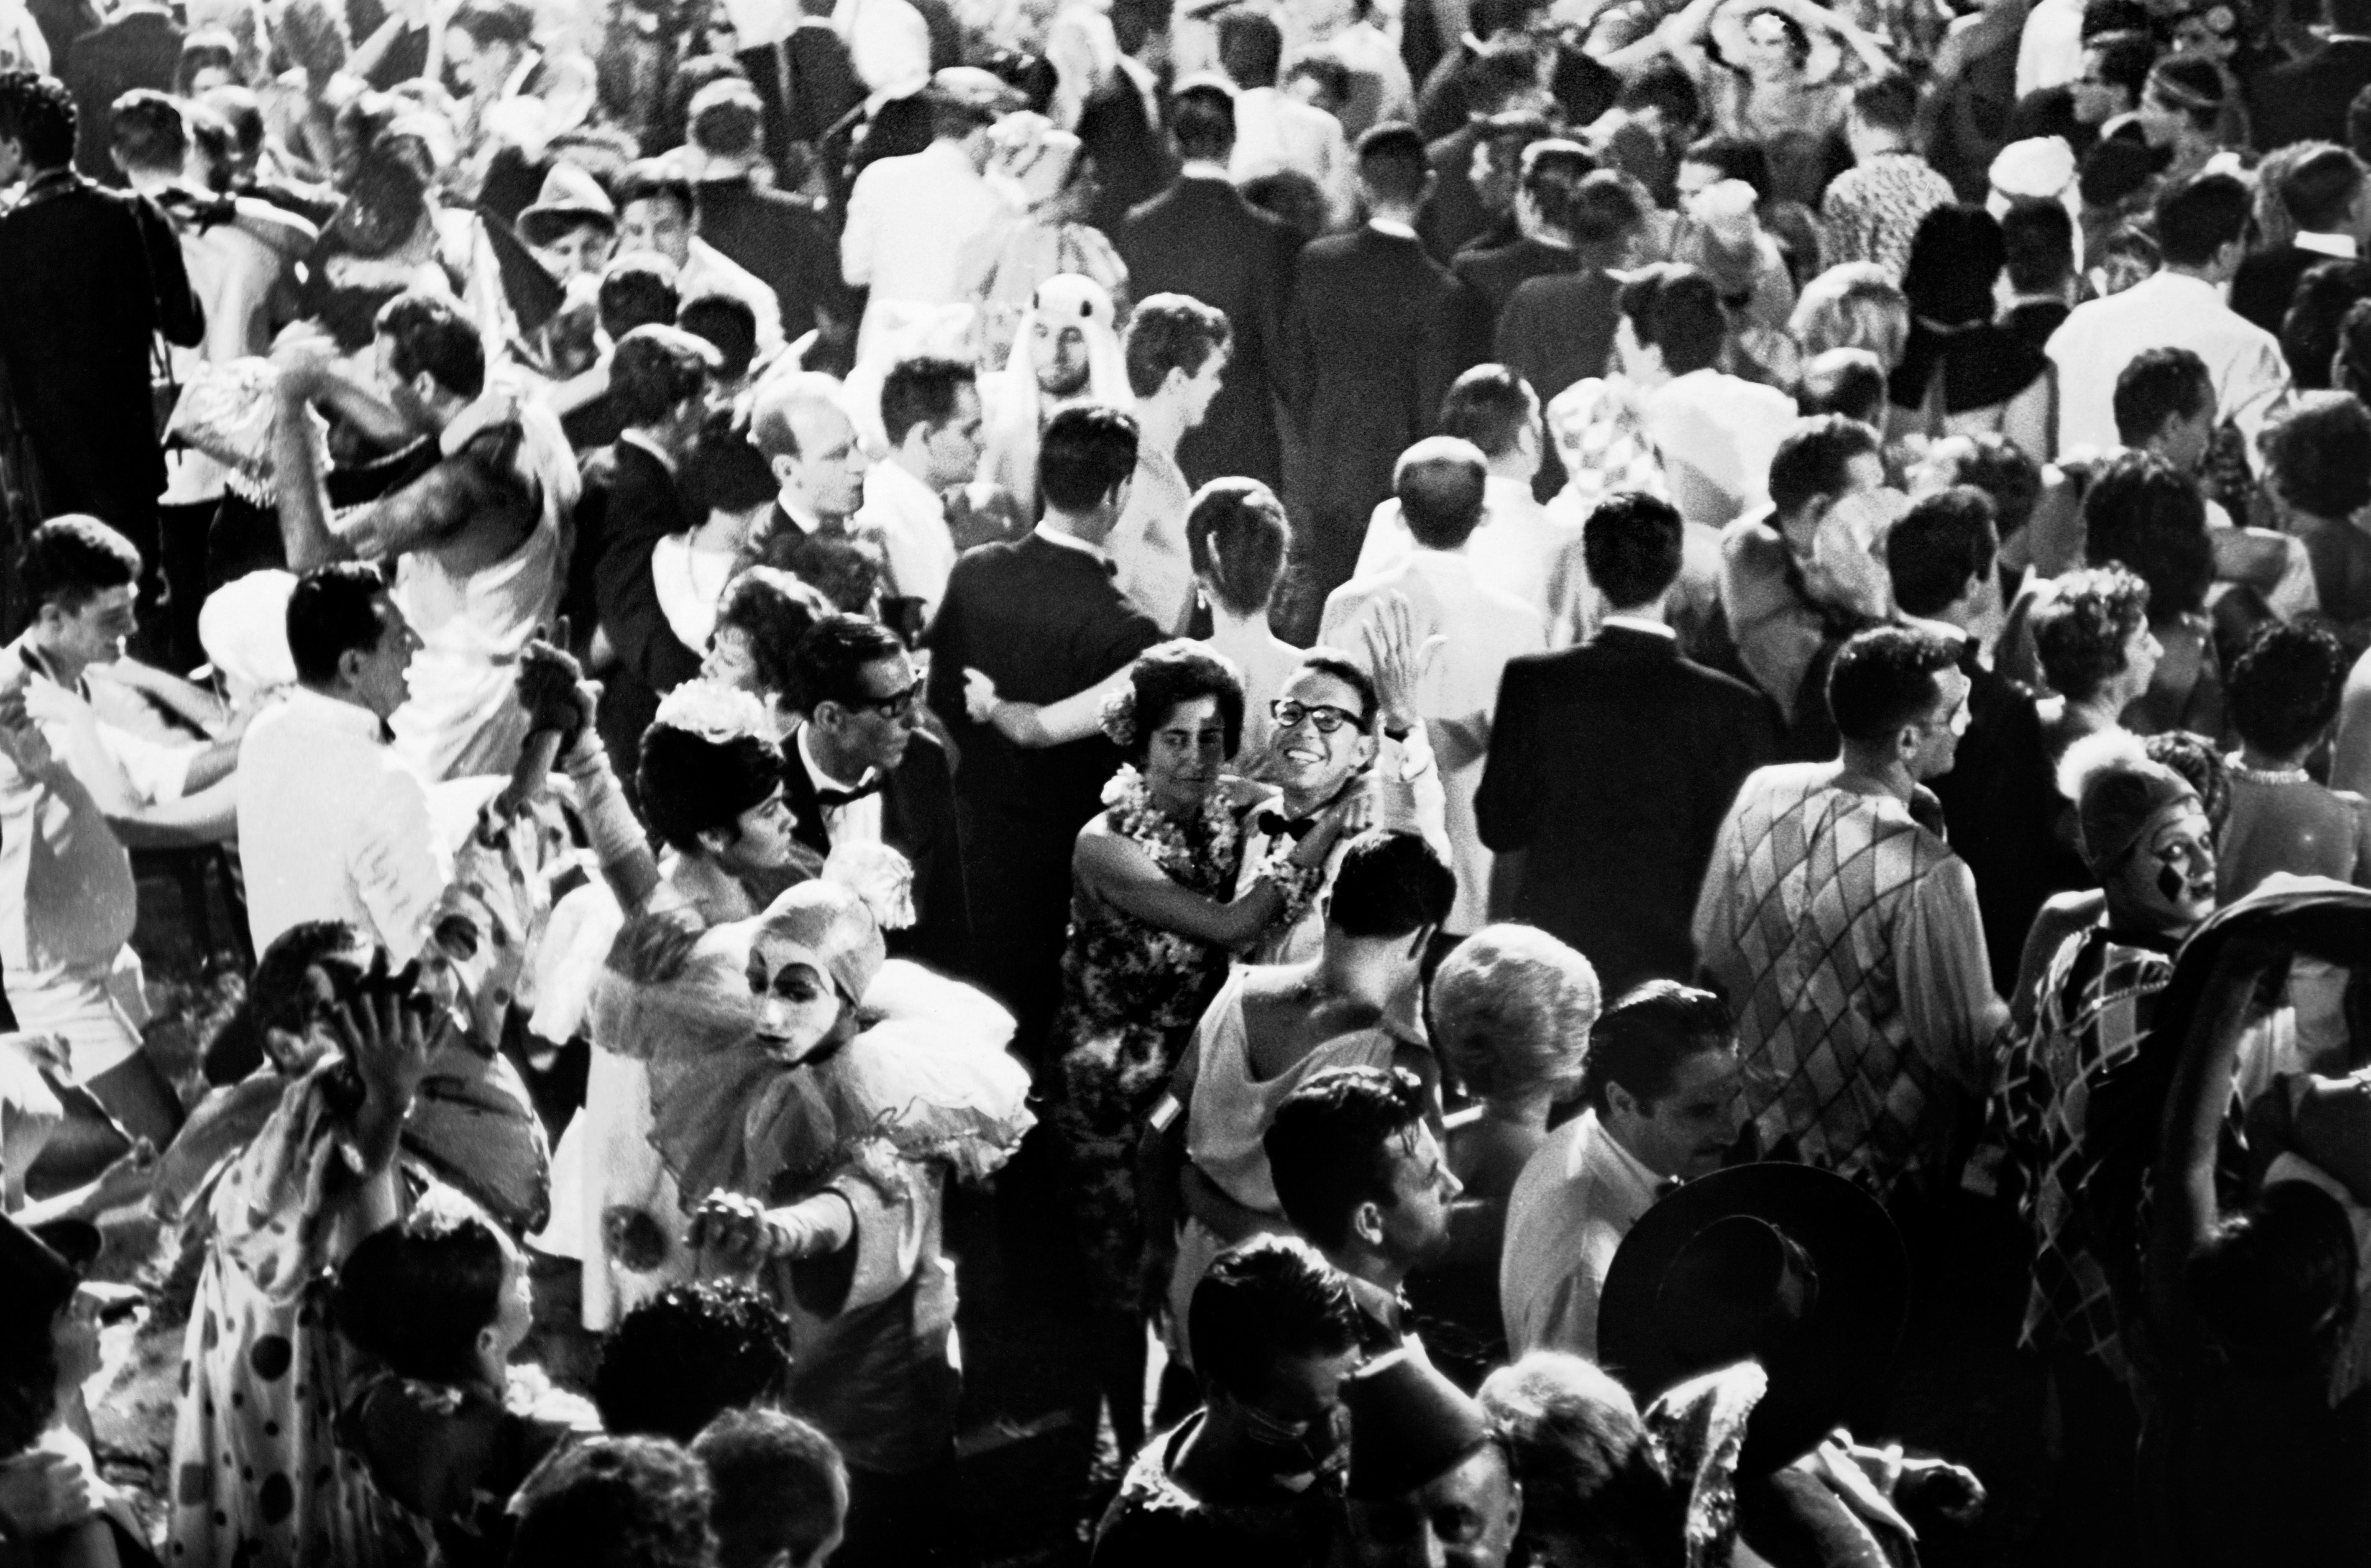 """Data da foto: 1962 Wilson Figueiredo, jornalista, (centro) ao lado da mulher Lourdes no Carnaval de 1962, no baile do Copacabana Palace, fotografia do livro """"E a Vida Continua"""", da Editora Ouro sobre Azul."""